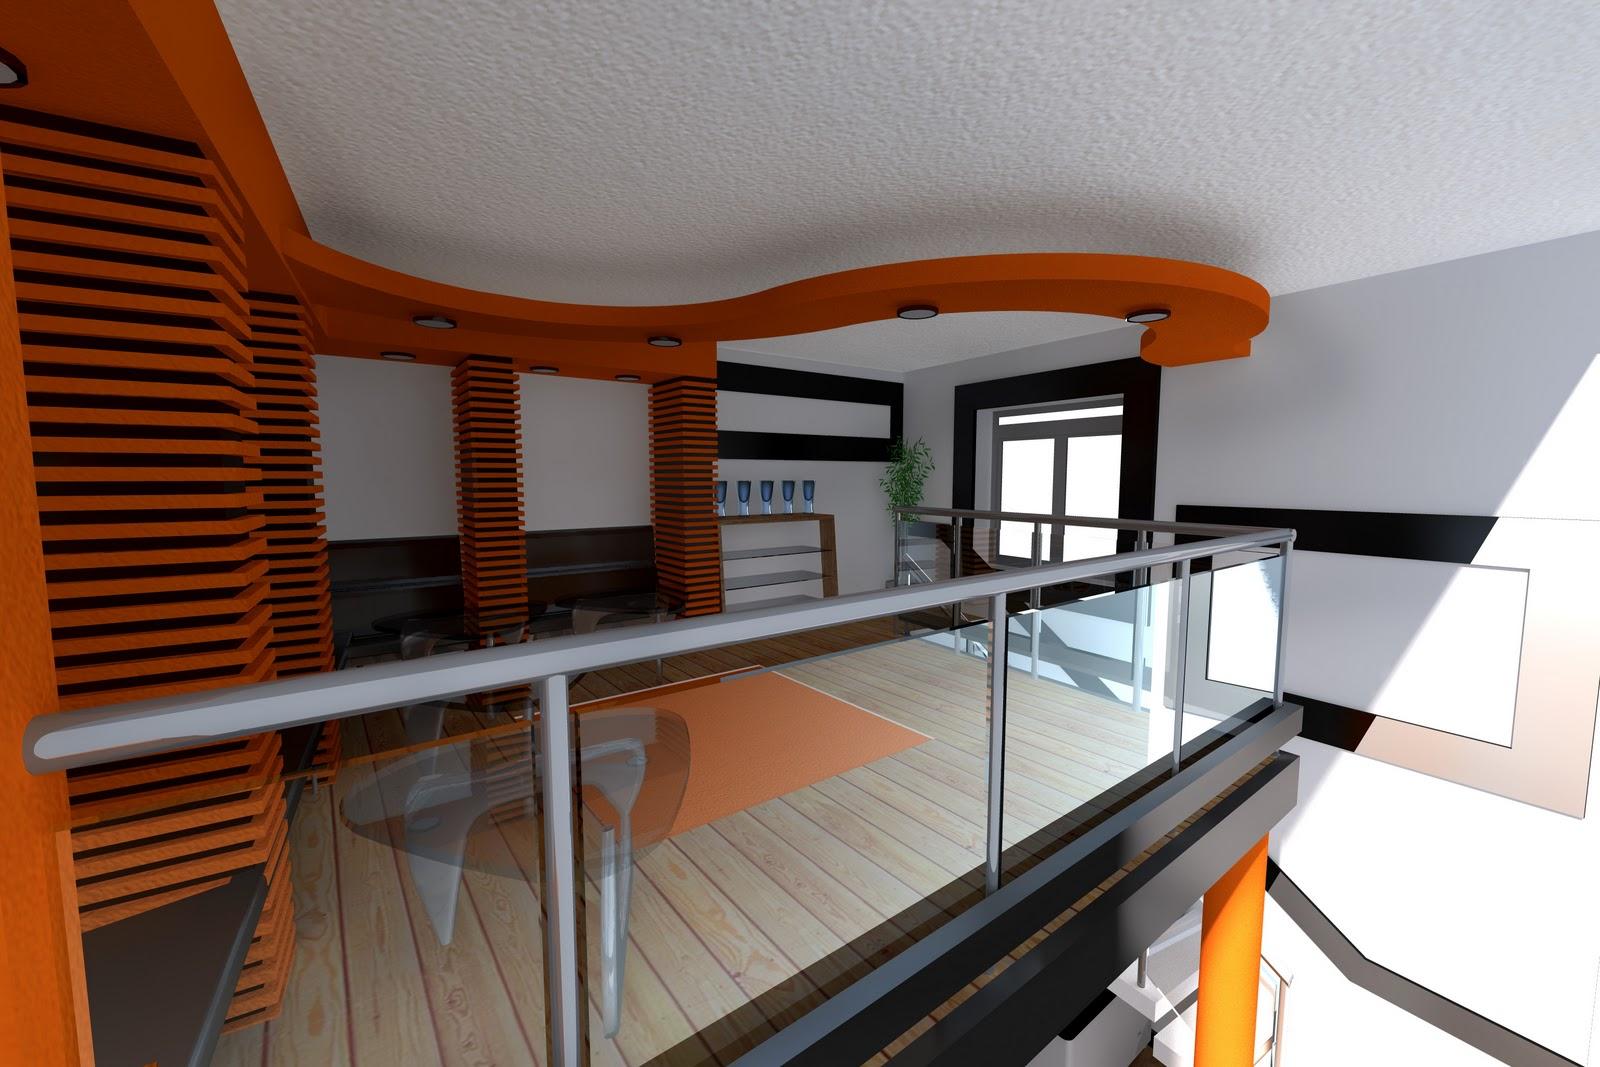 Studio interactf am nagement interieur d 39 un local a alger for Studio amenagement interieur